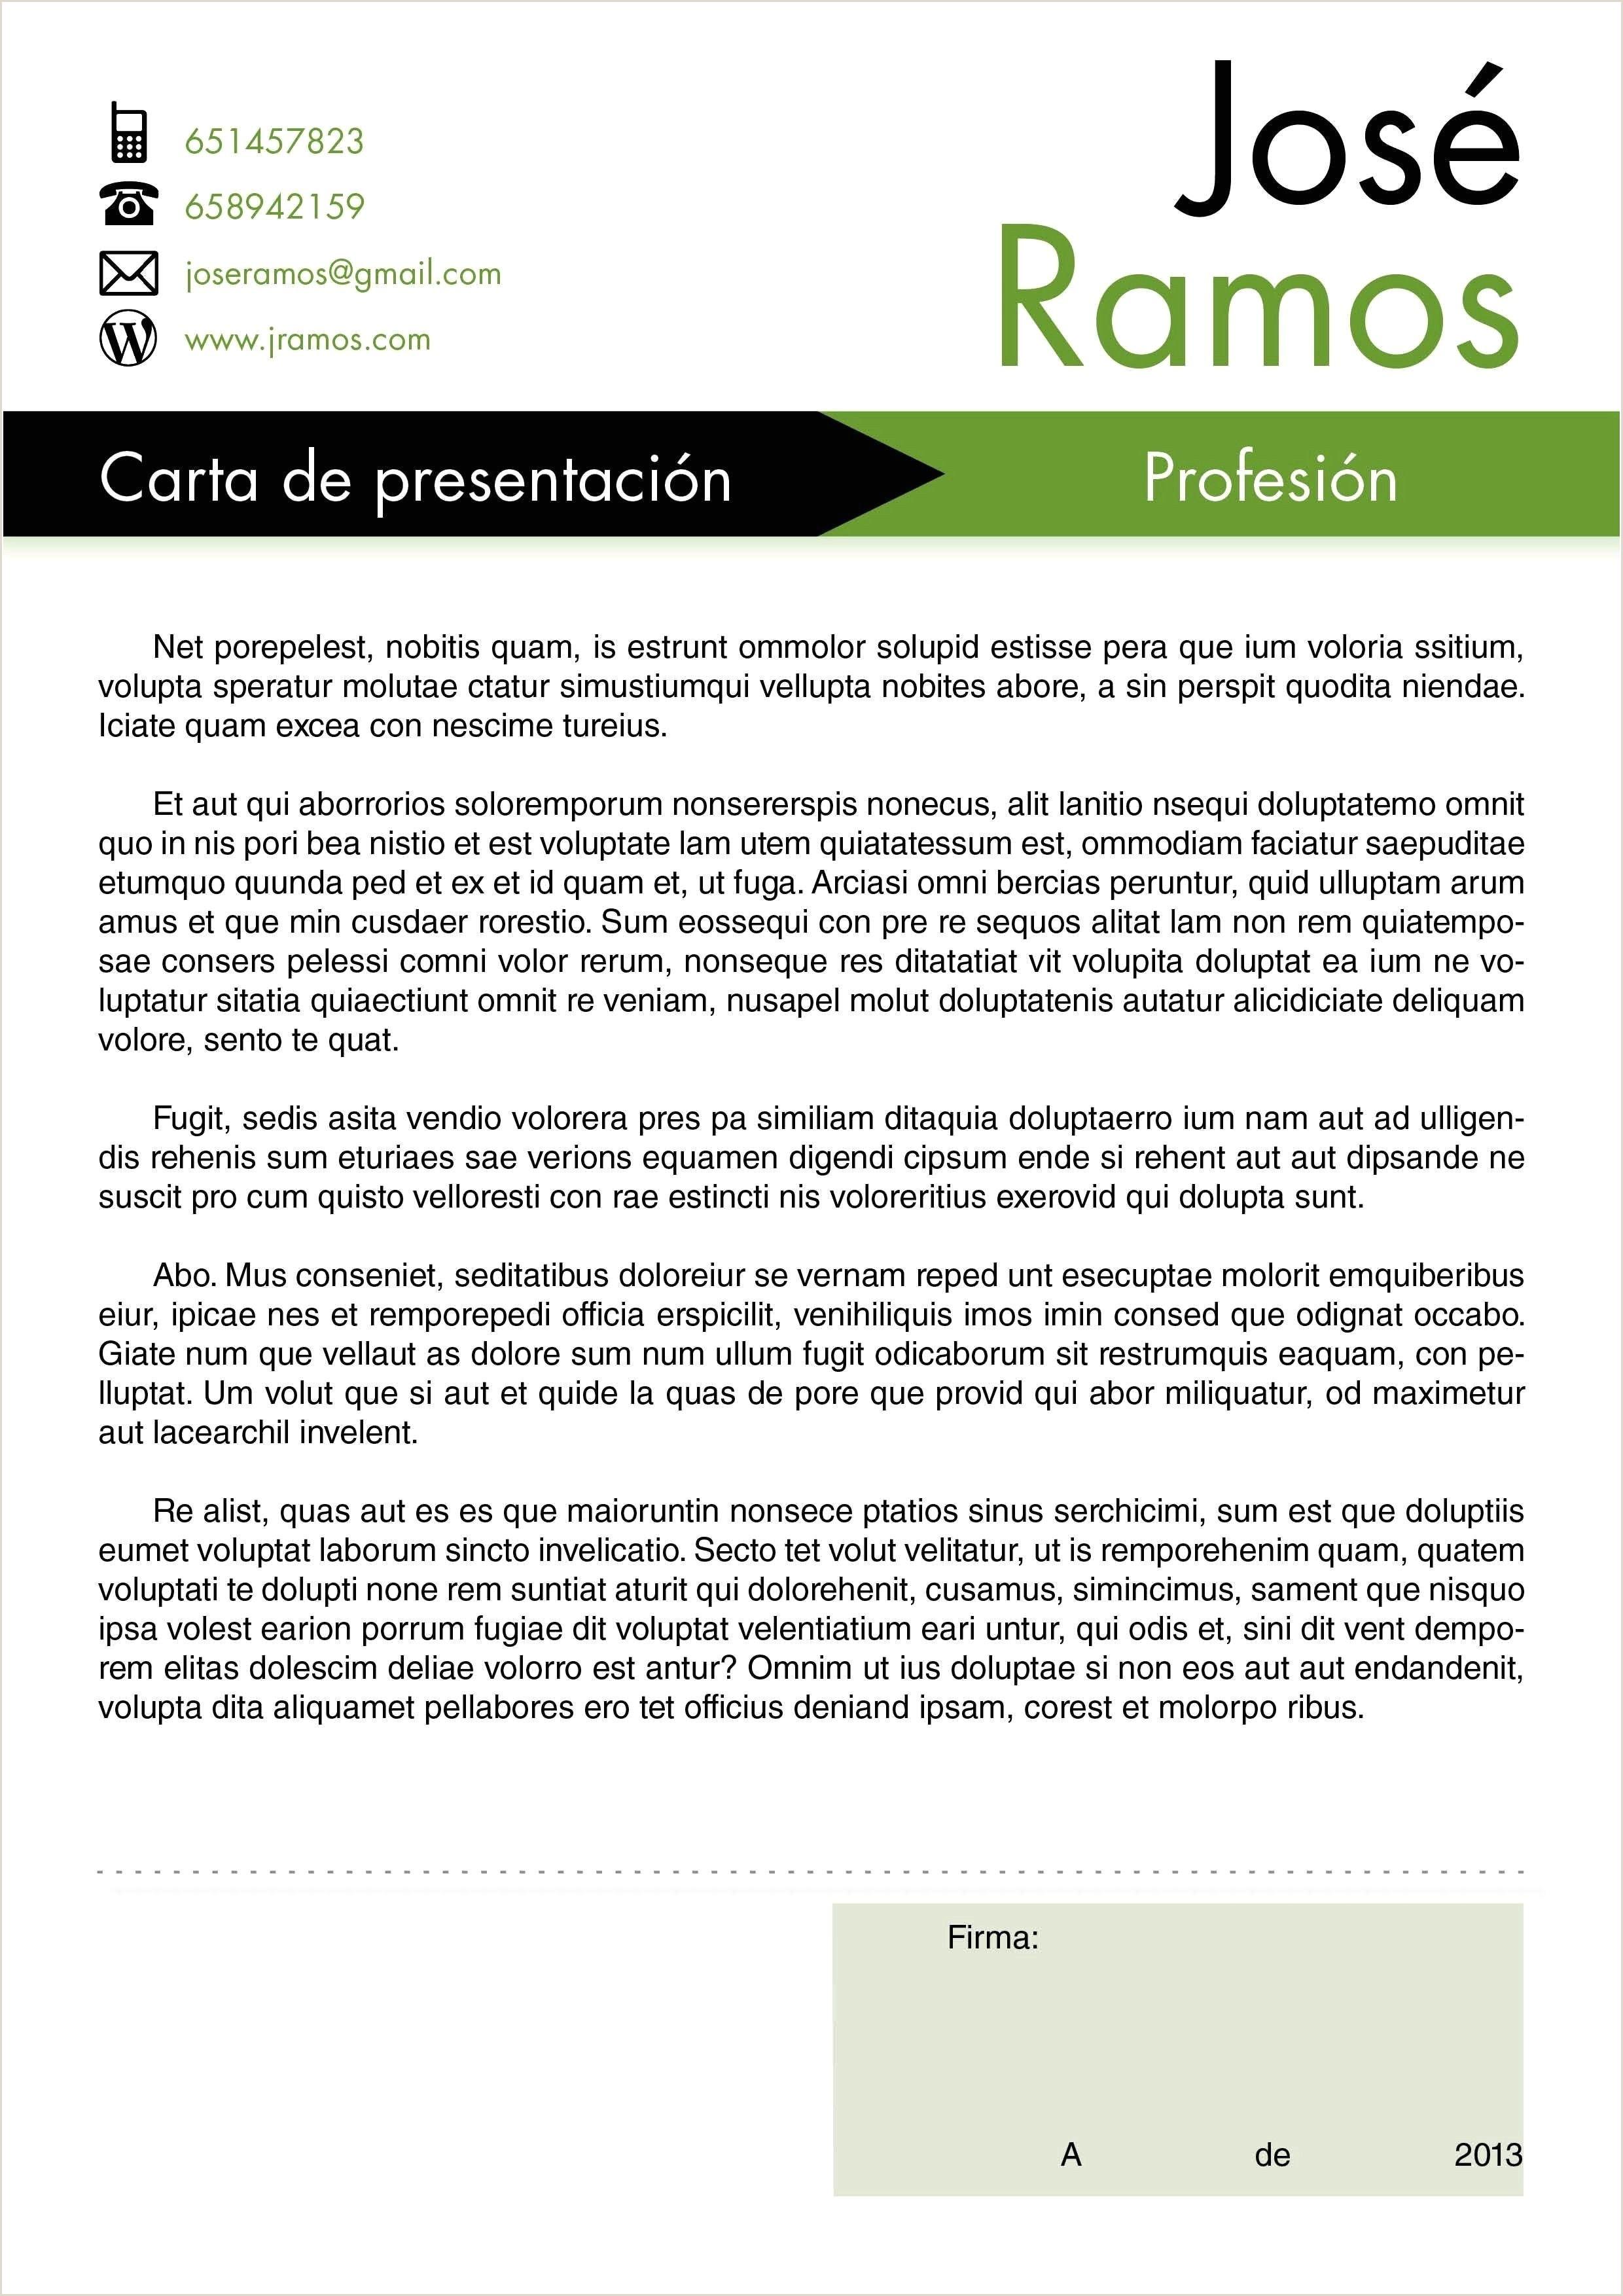 Rellene La Hoja De Trabajo Del Curriculum Vitae En Blanco Y